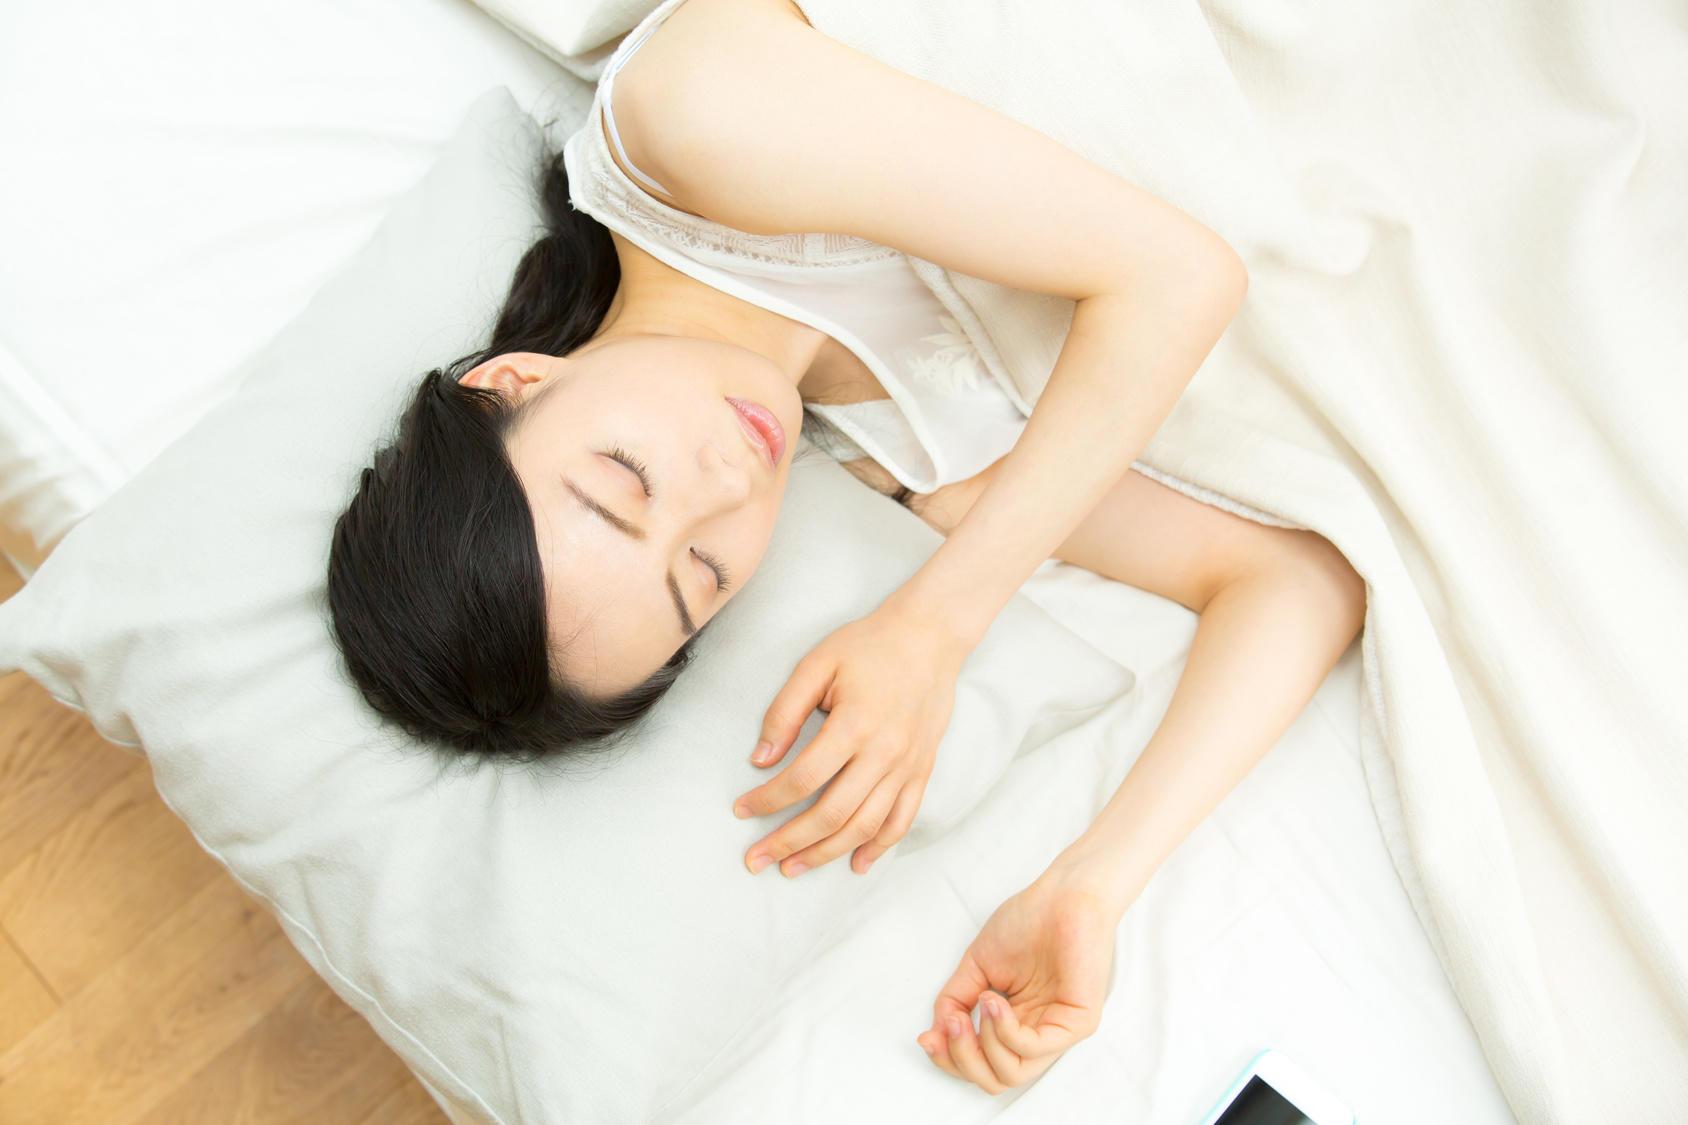 睡眠に不満がある人は9割超―求められる十分な睡眠時間と質の高い眠り